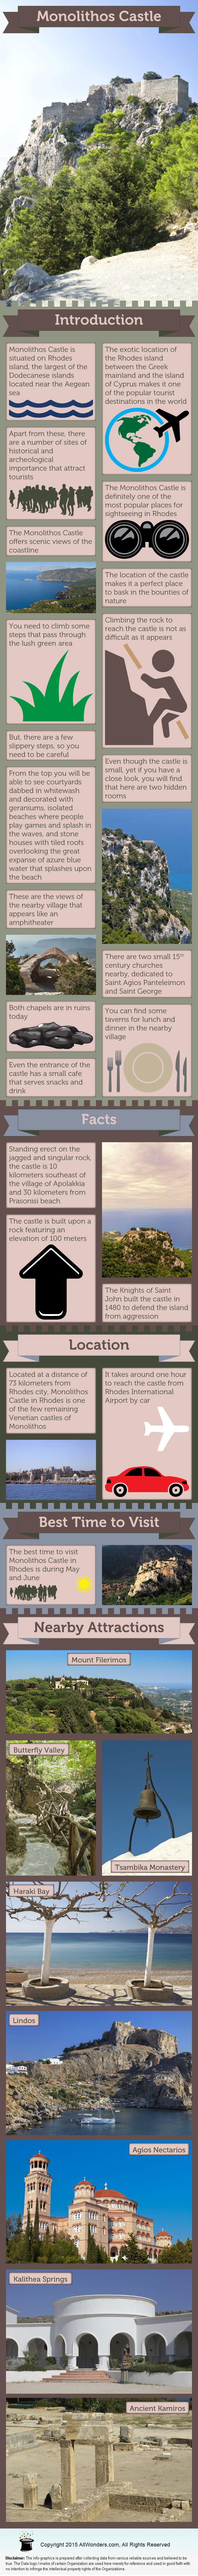 Monolithos Castle Infographic